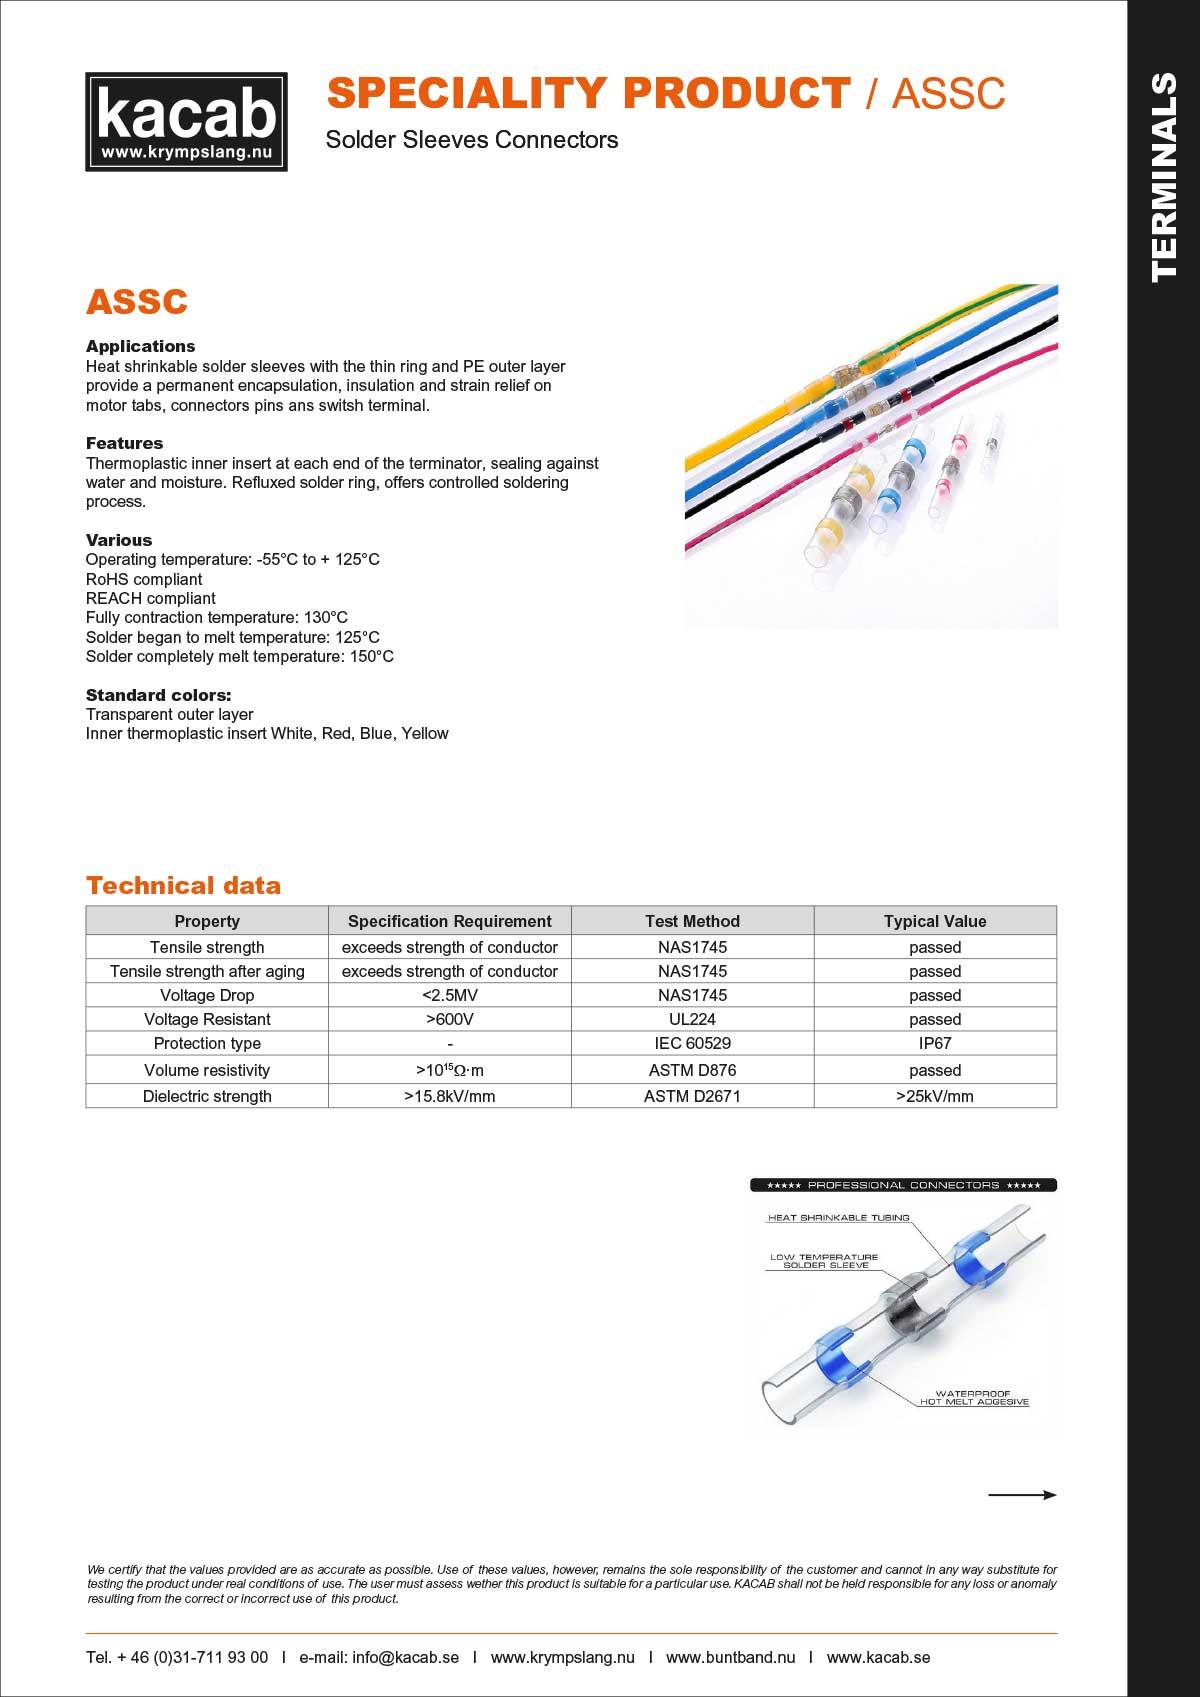 ASSC-solder sleeves connectors